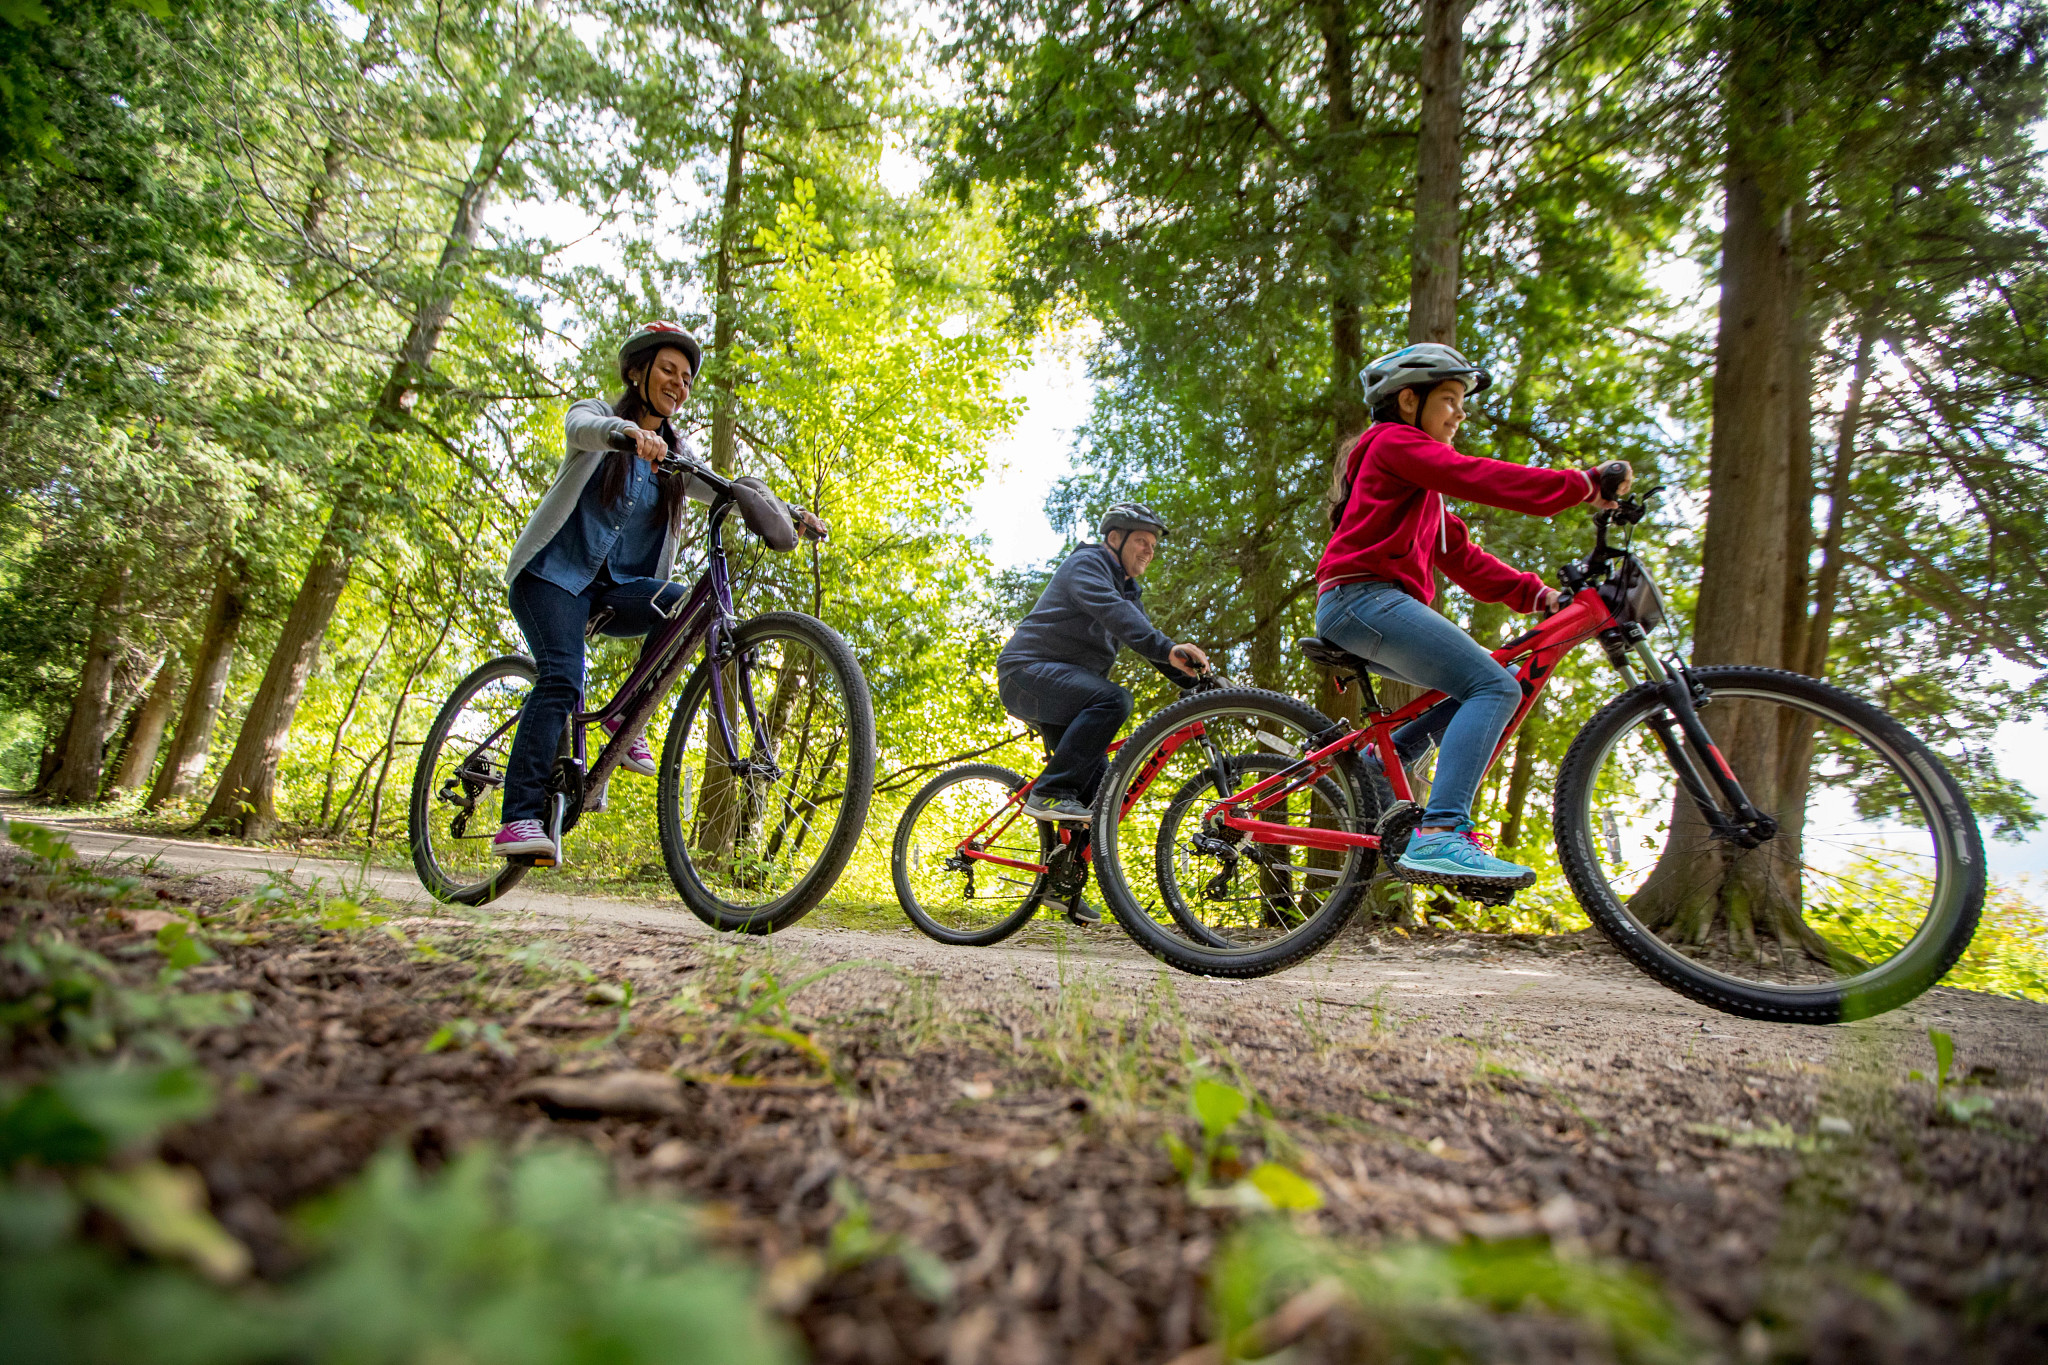 family biking through woods at Peninsula State Park